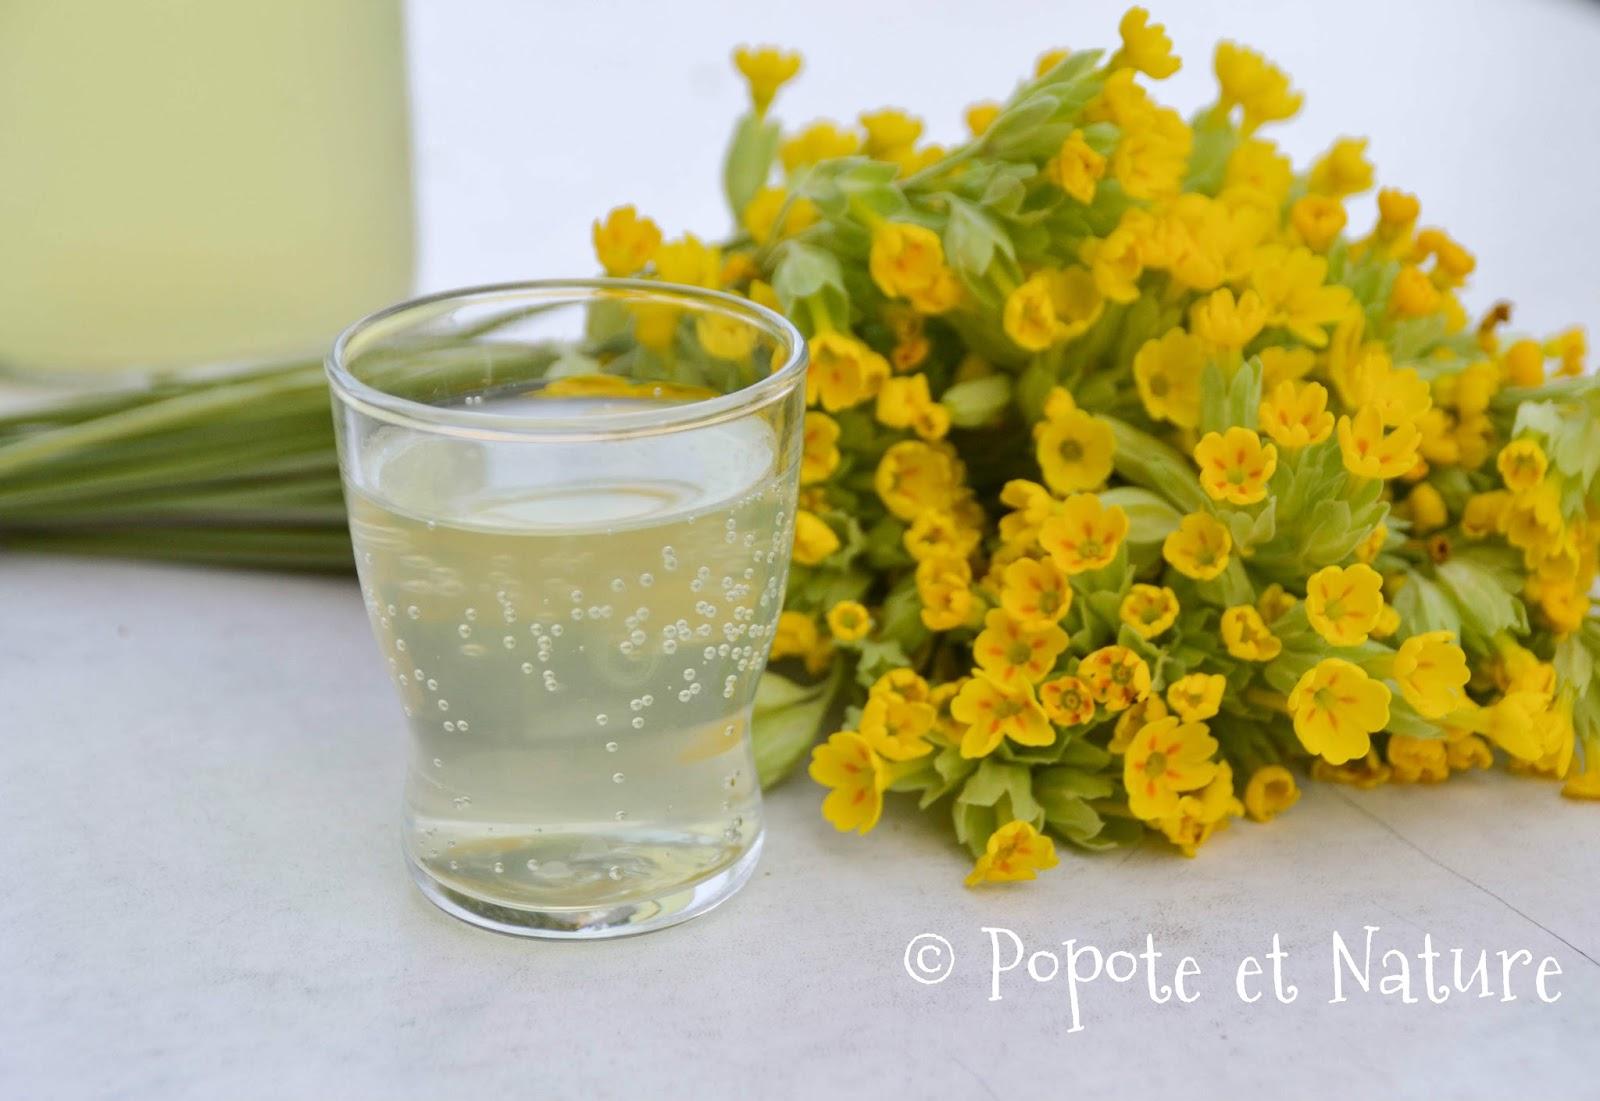 Popote et nature limonade aux fleurs de printemps un rafra chissement original - Initiatives fleurs et nature ...